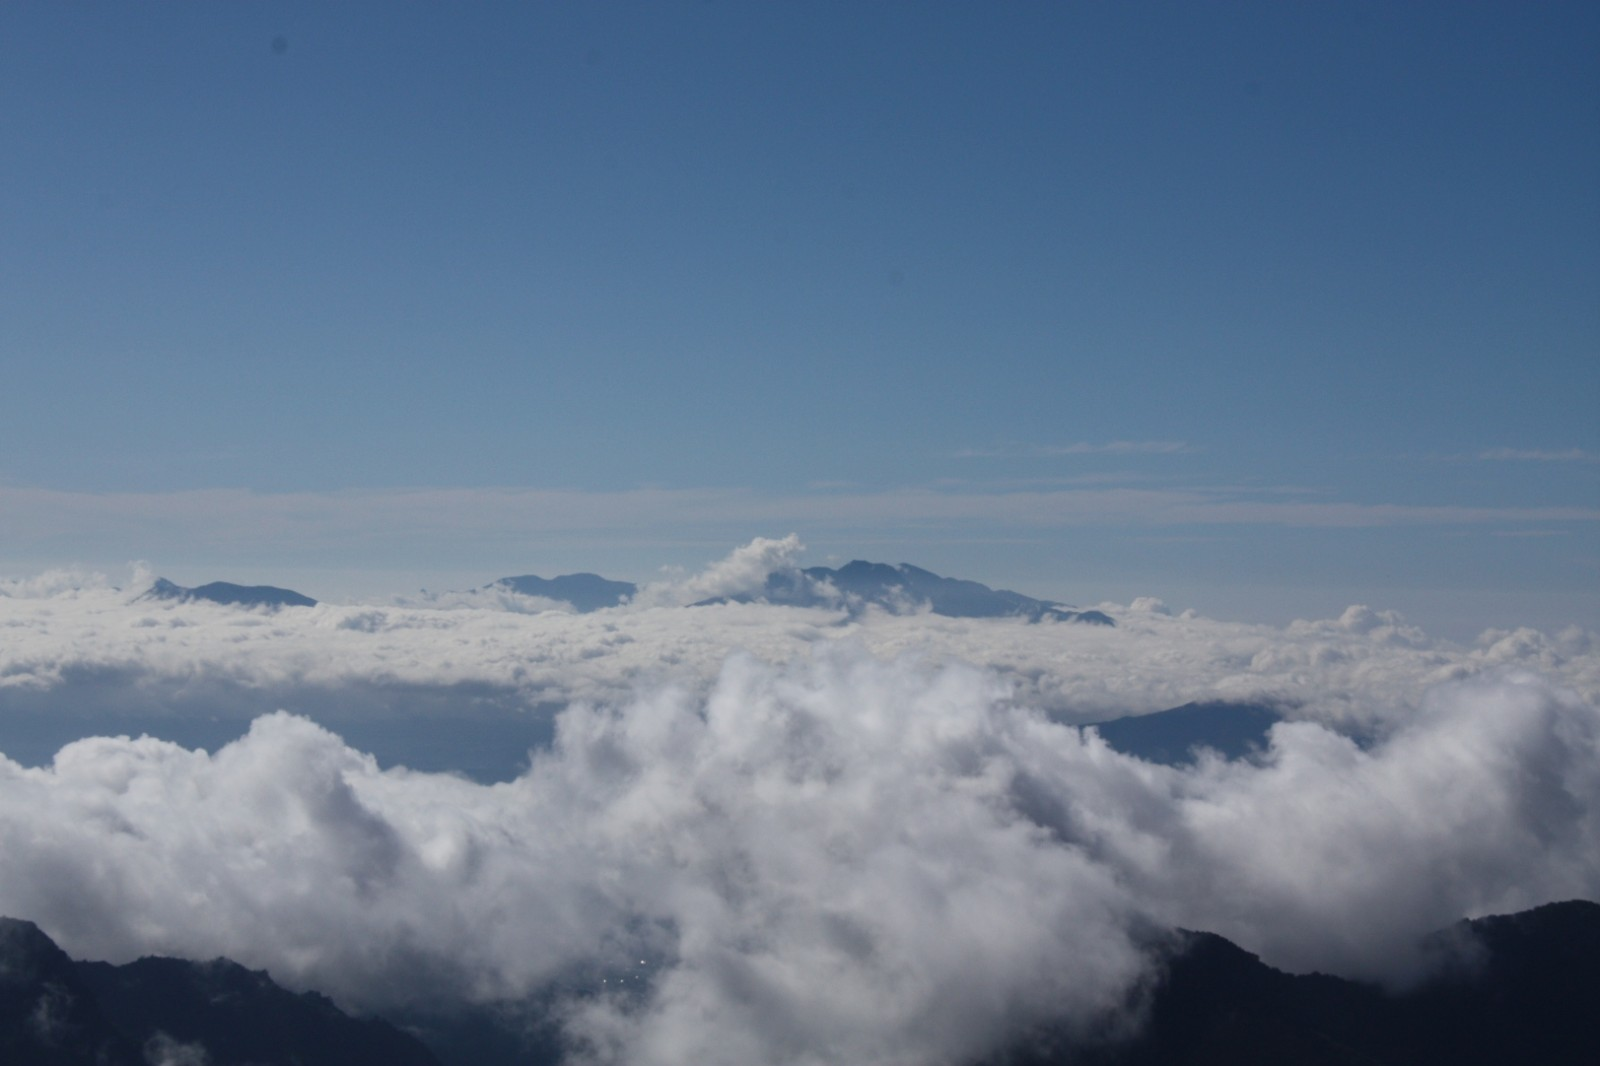 【無料動画素材】霧の中や、雲の上の飛行などの煙系映像素材